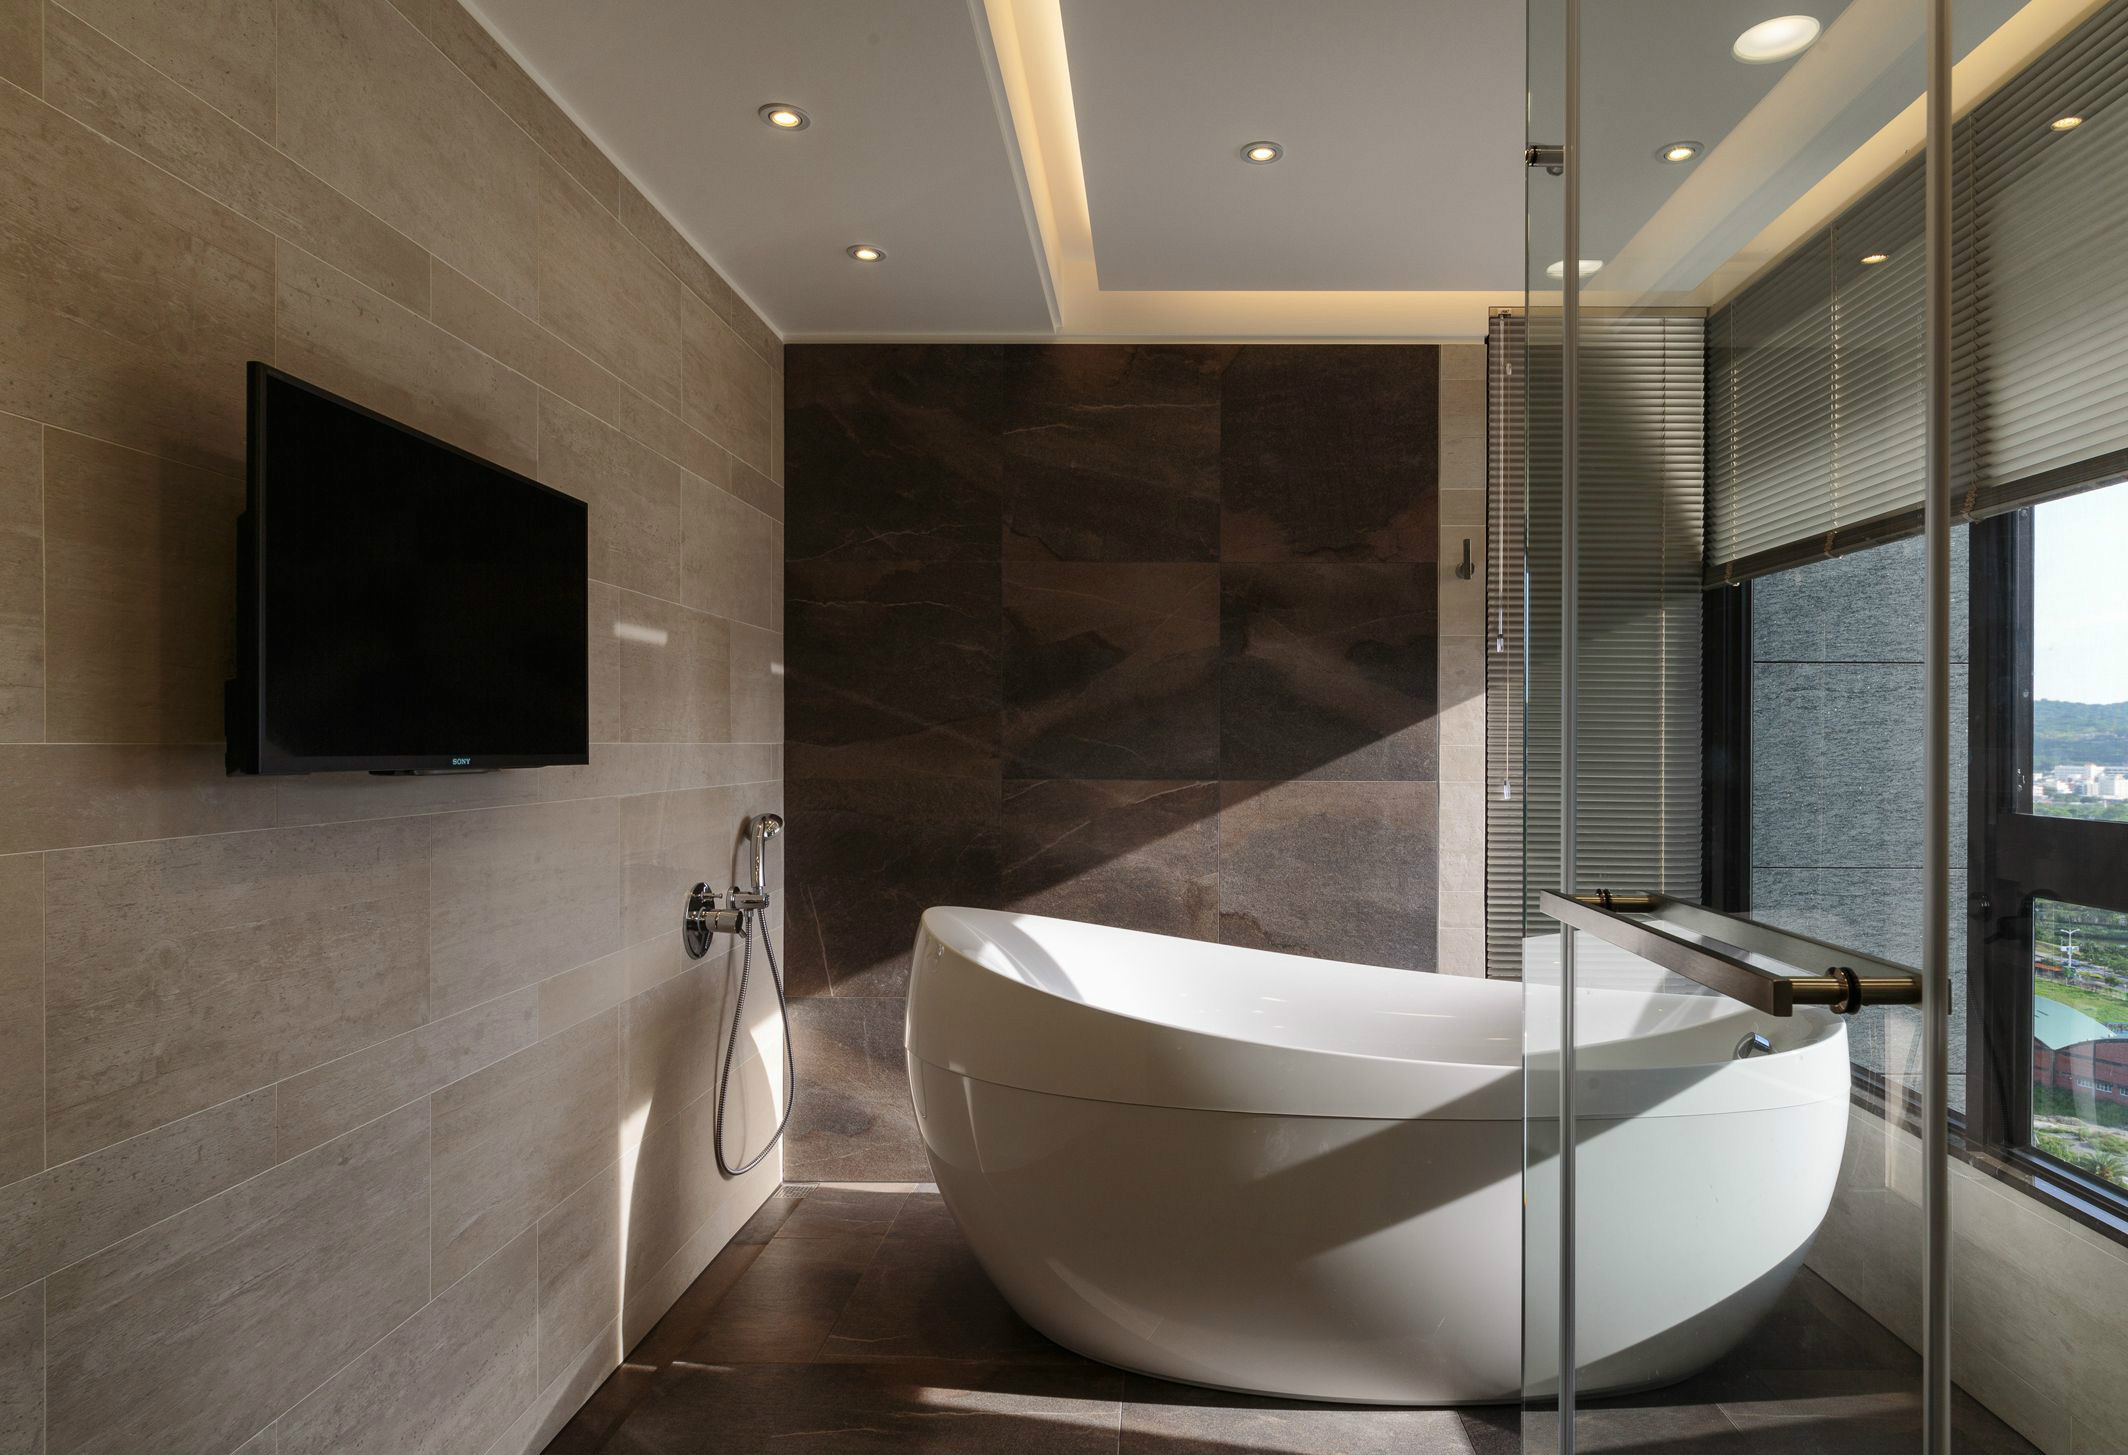 卫生间是一个简单大气的白色浴缸,在阳台旁边很是美观